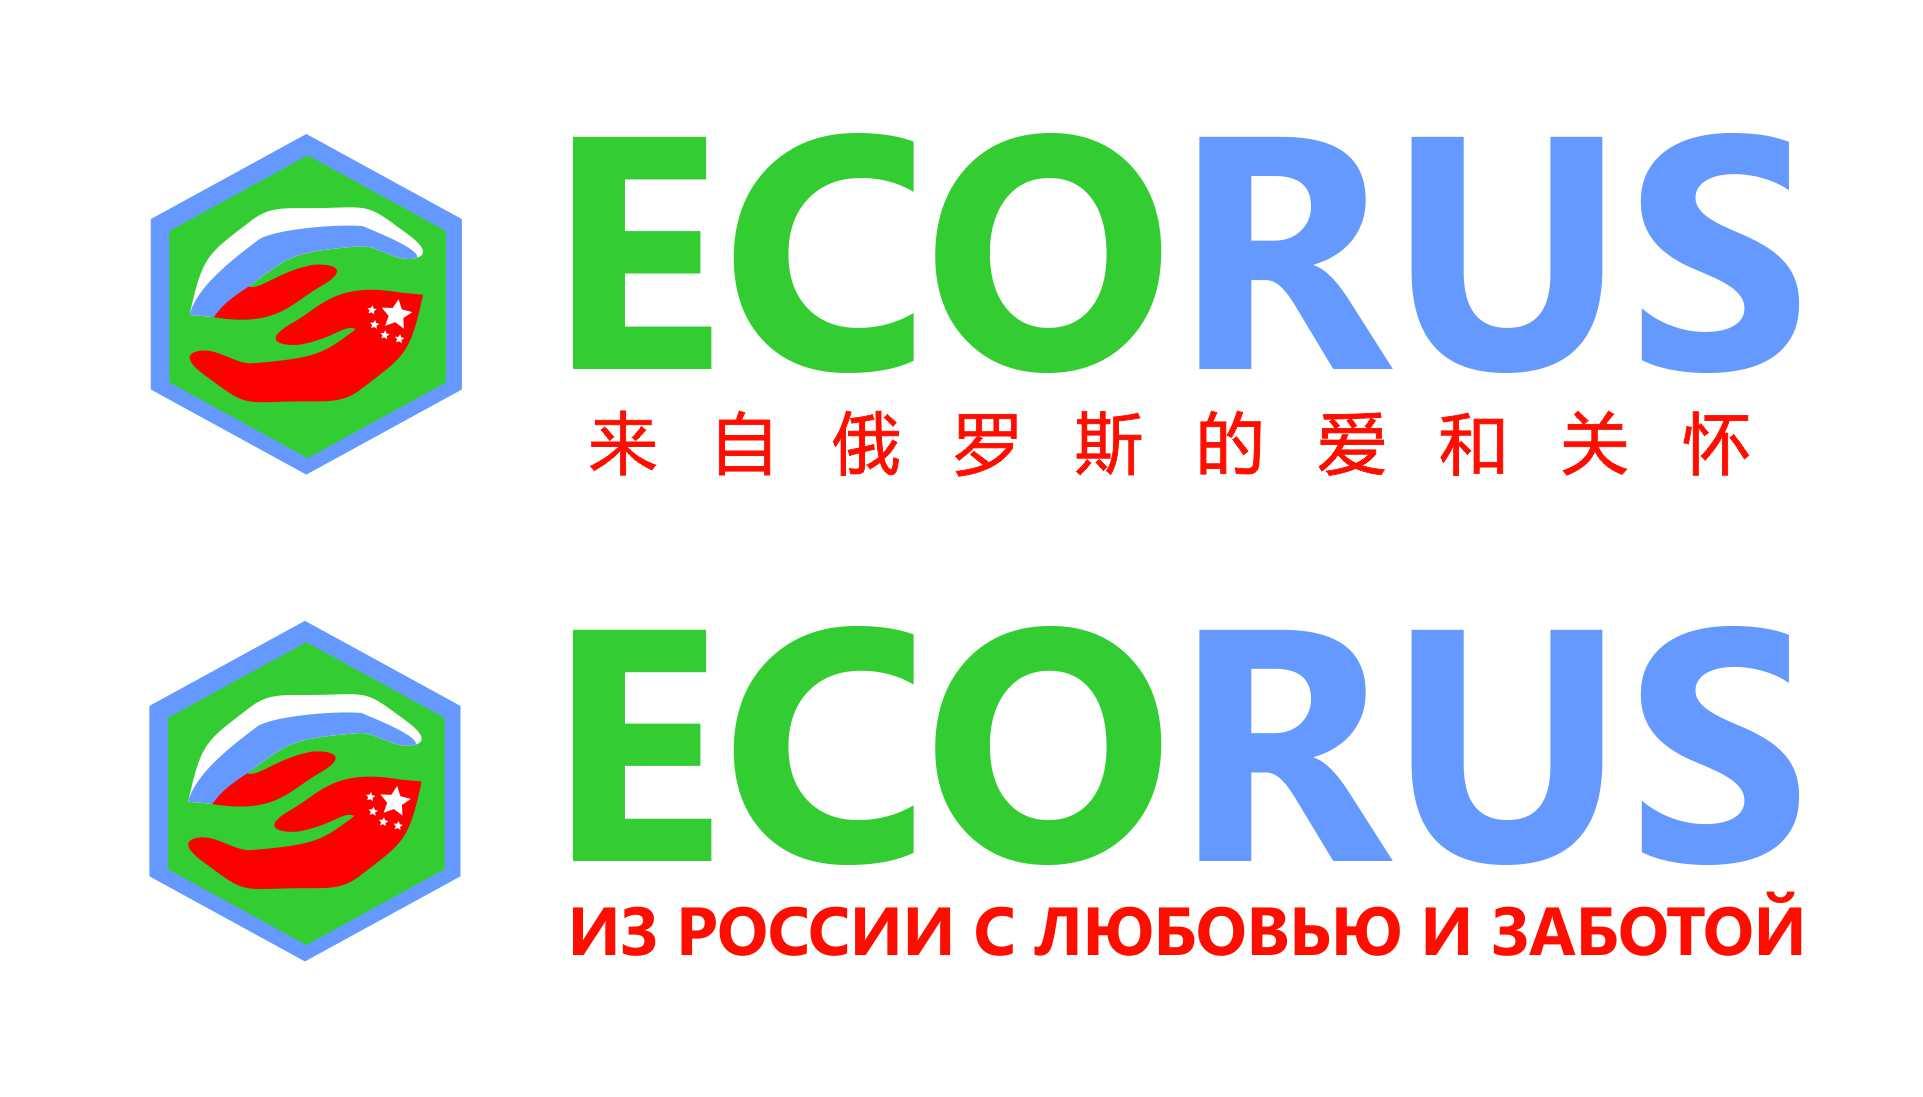 Логотип для поставщика продуктов питания из России в Китай фото f_1425eb87fb0a72ed.jpg